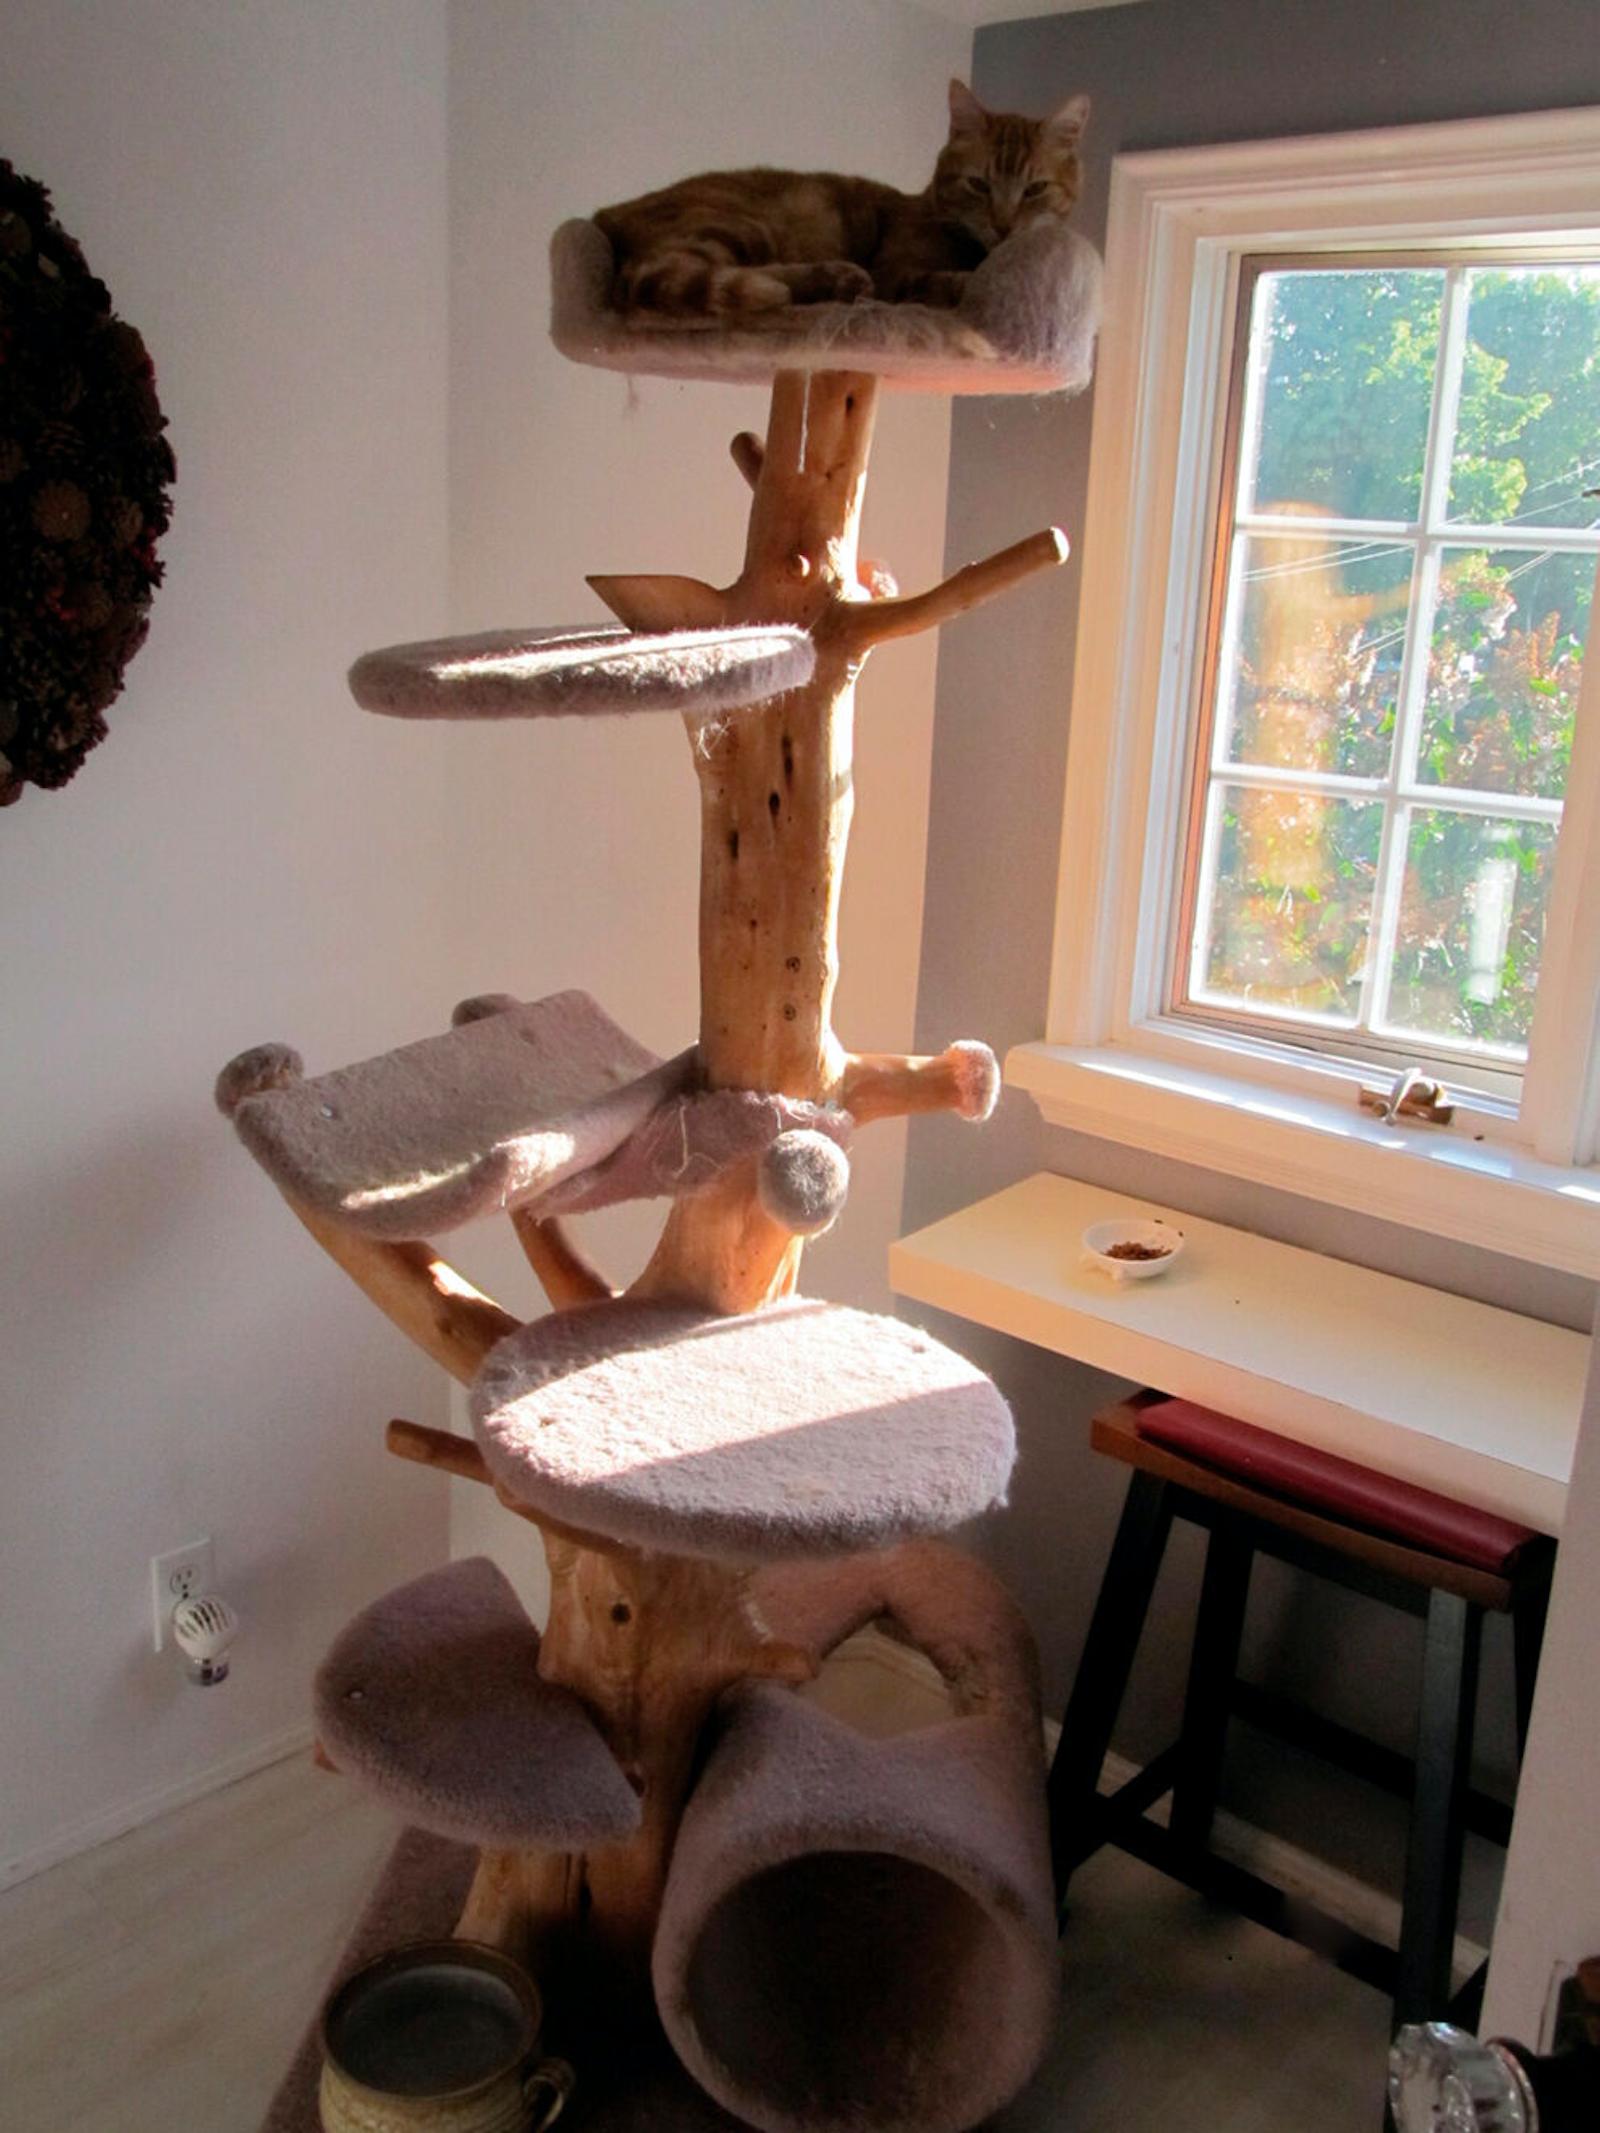 Figure 6. La stimulation visuelle est importante pour les chats ; au moins une zone de repos sécurisée (plateforme en hauteur, par exemple) doit offrir une vue sur l'extérieur.